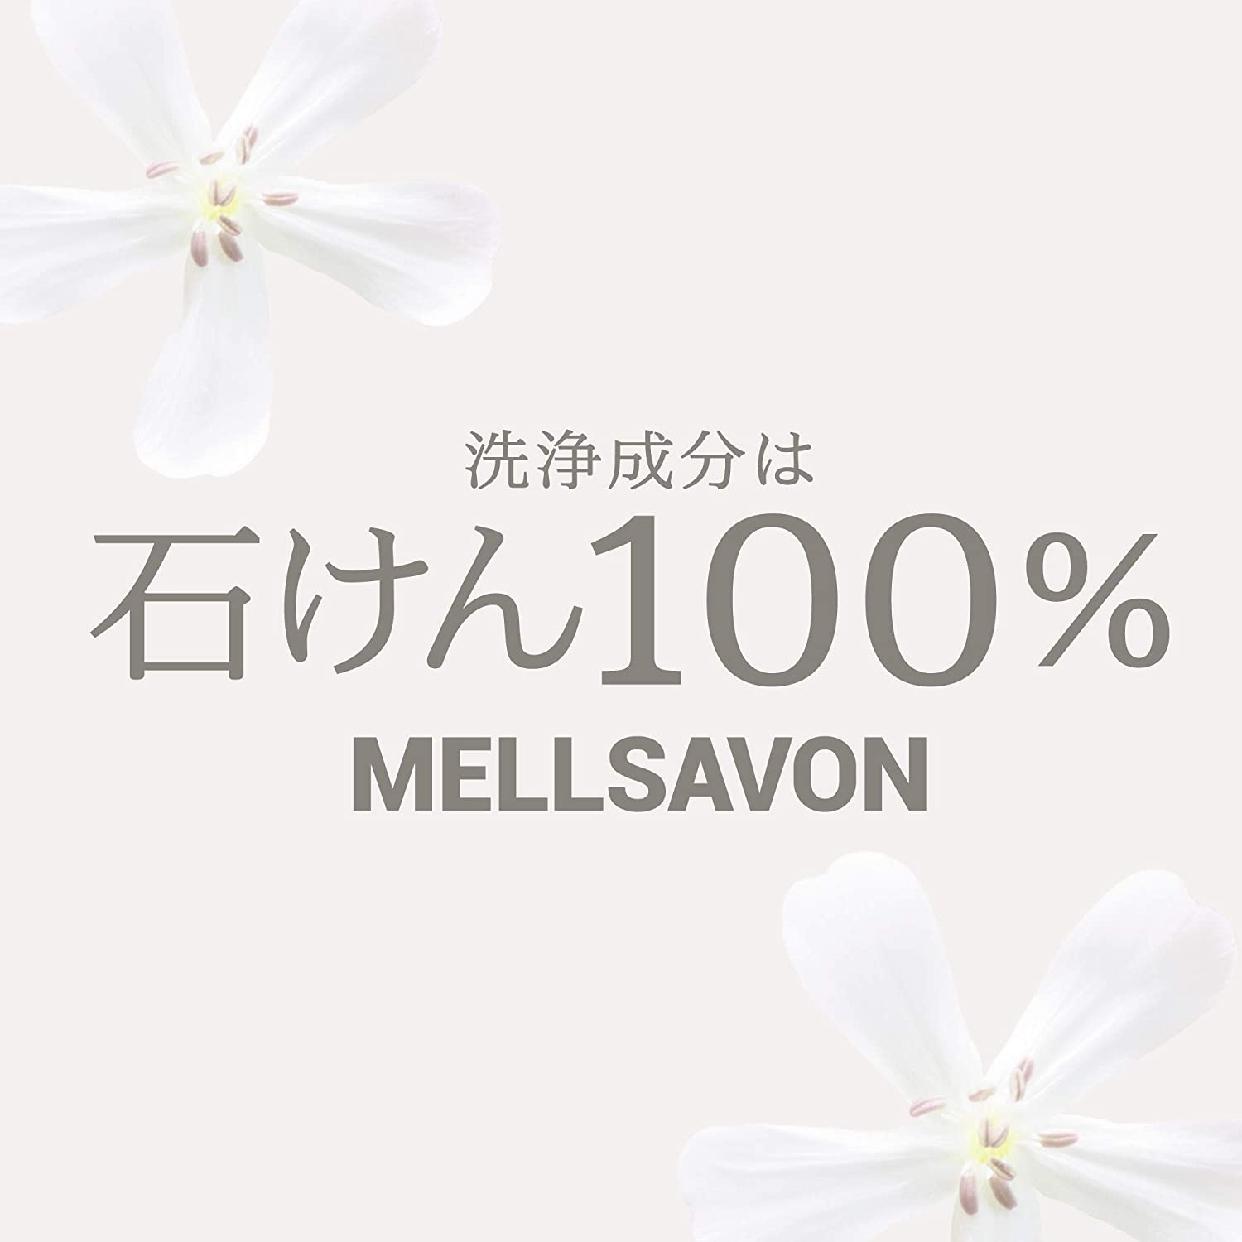 MELLSAVON(メルサボン)ボディウォッシュの商品画像8